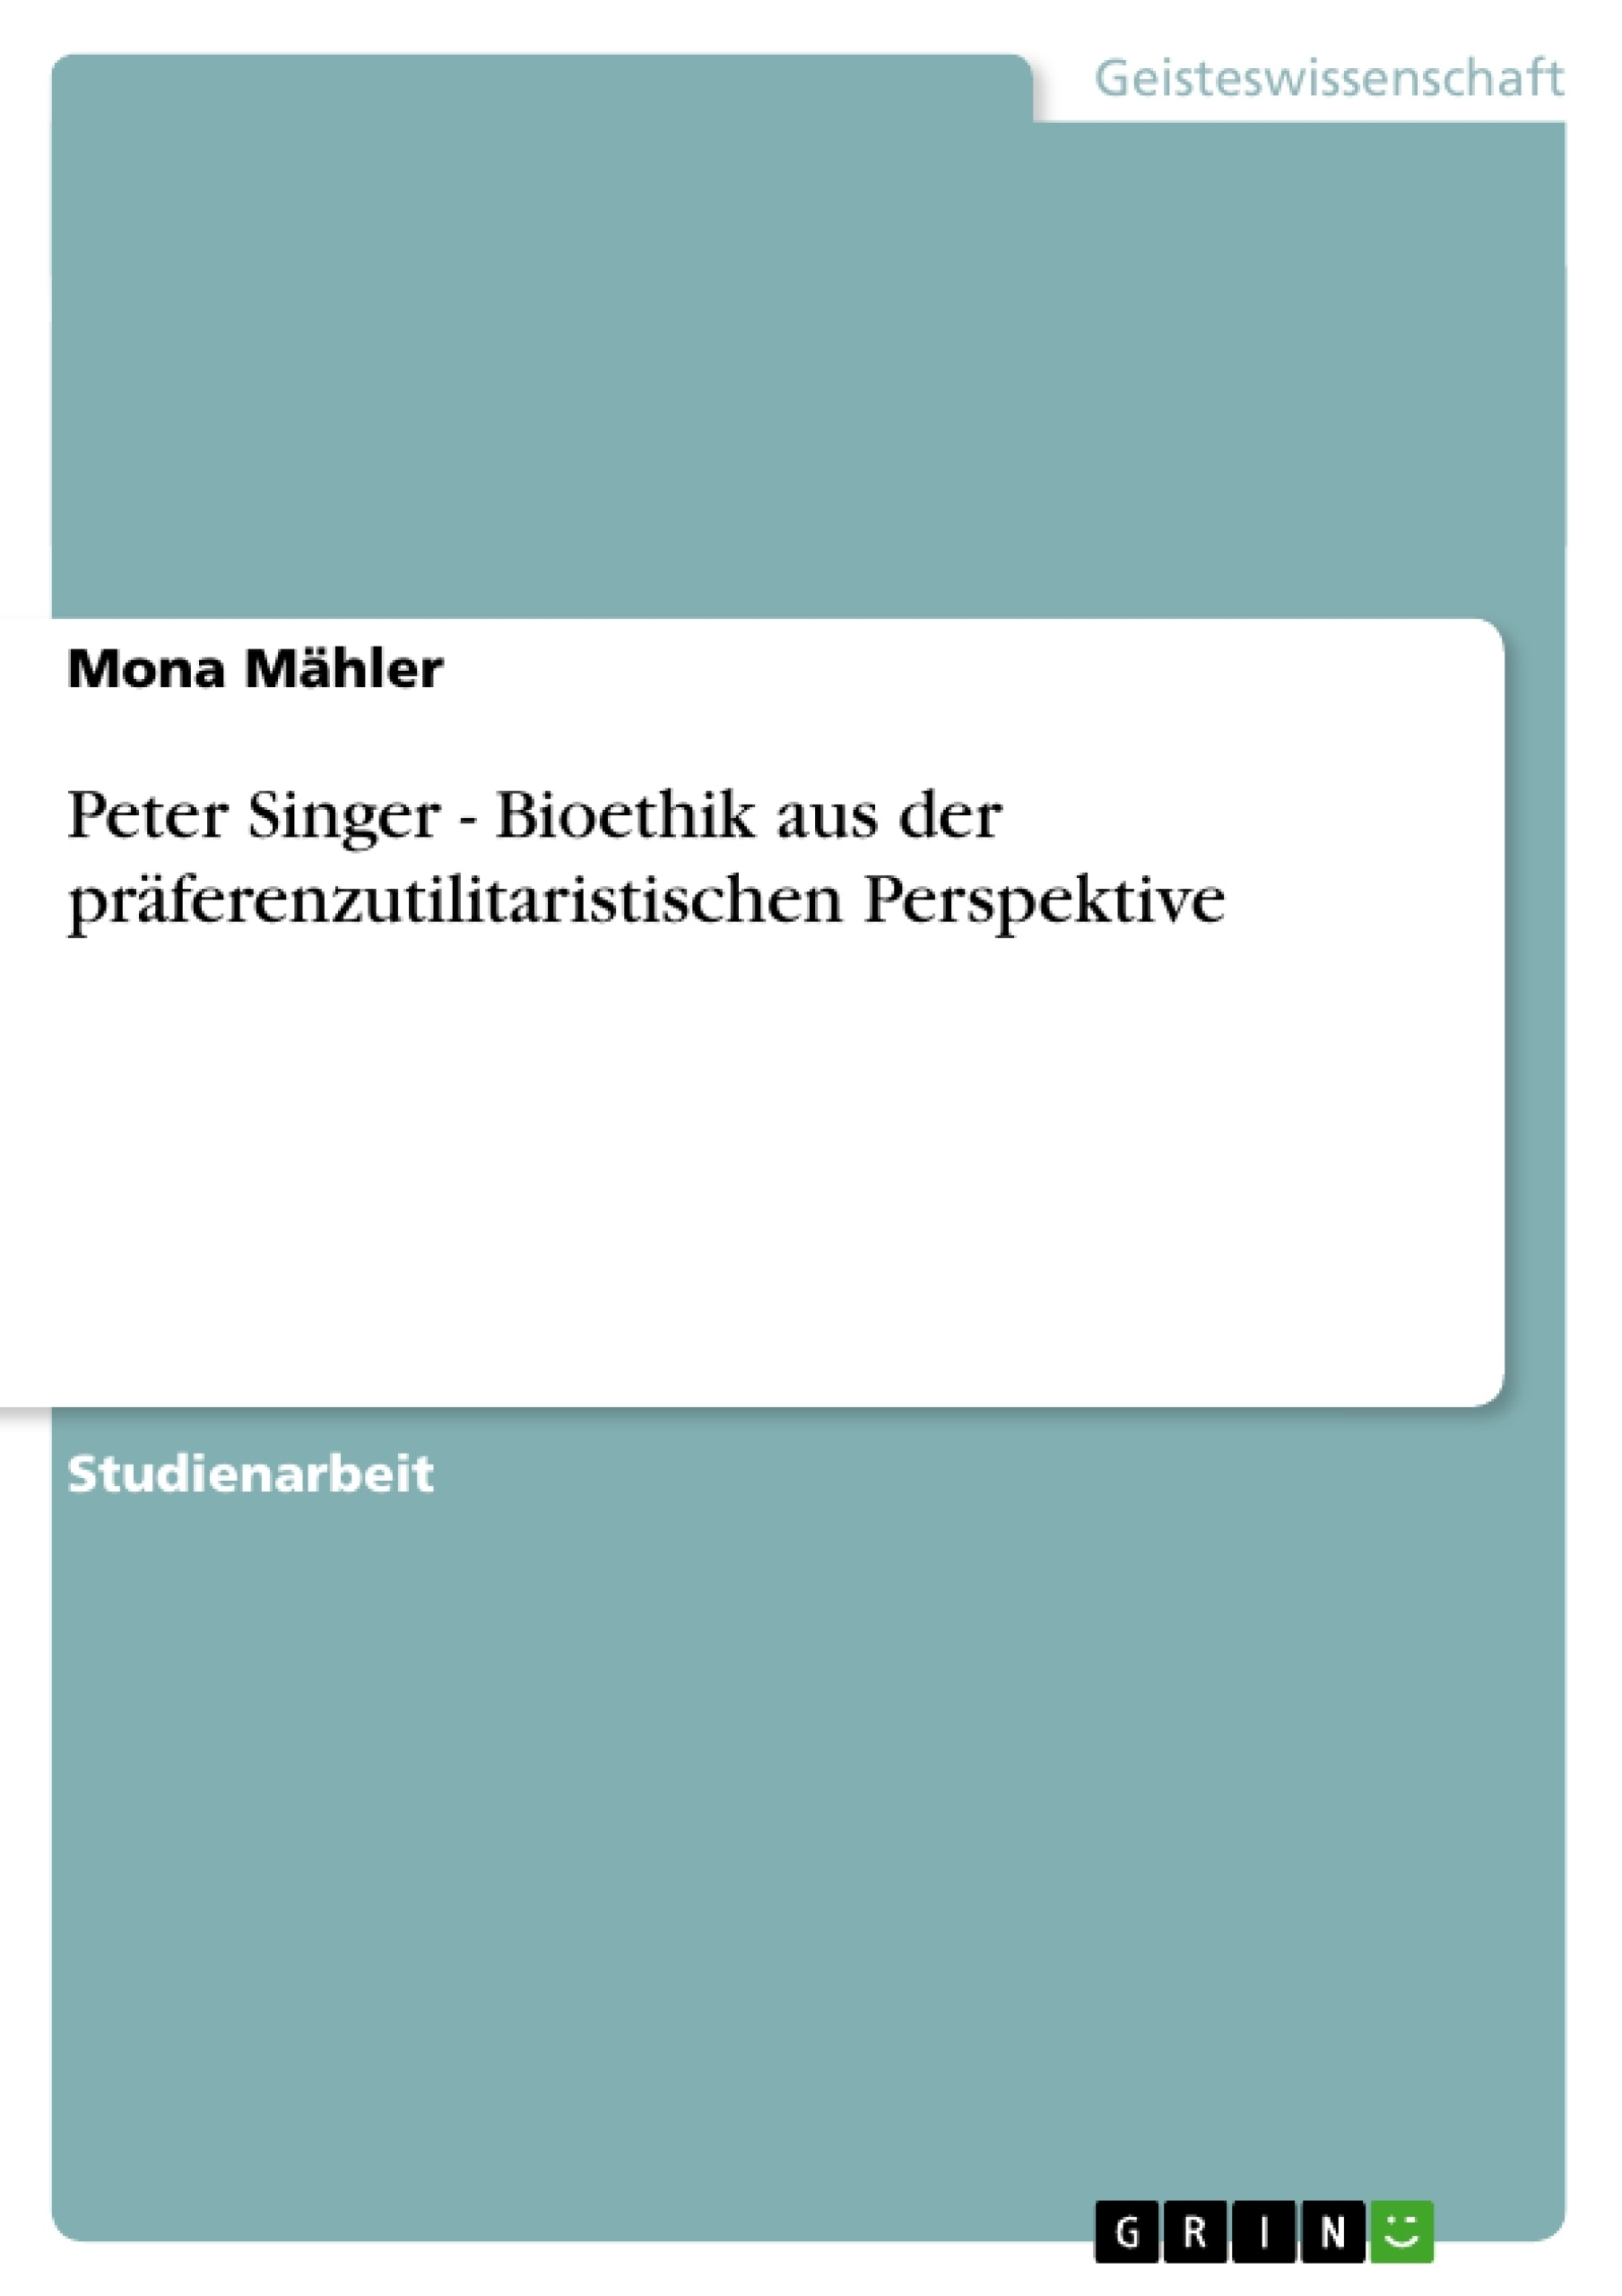 Titel: Peter Singer - Bioethik aus der präferenzutilitaristischen Perspektive